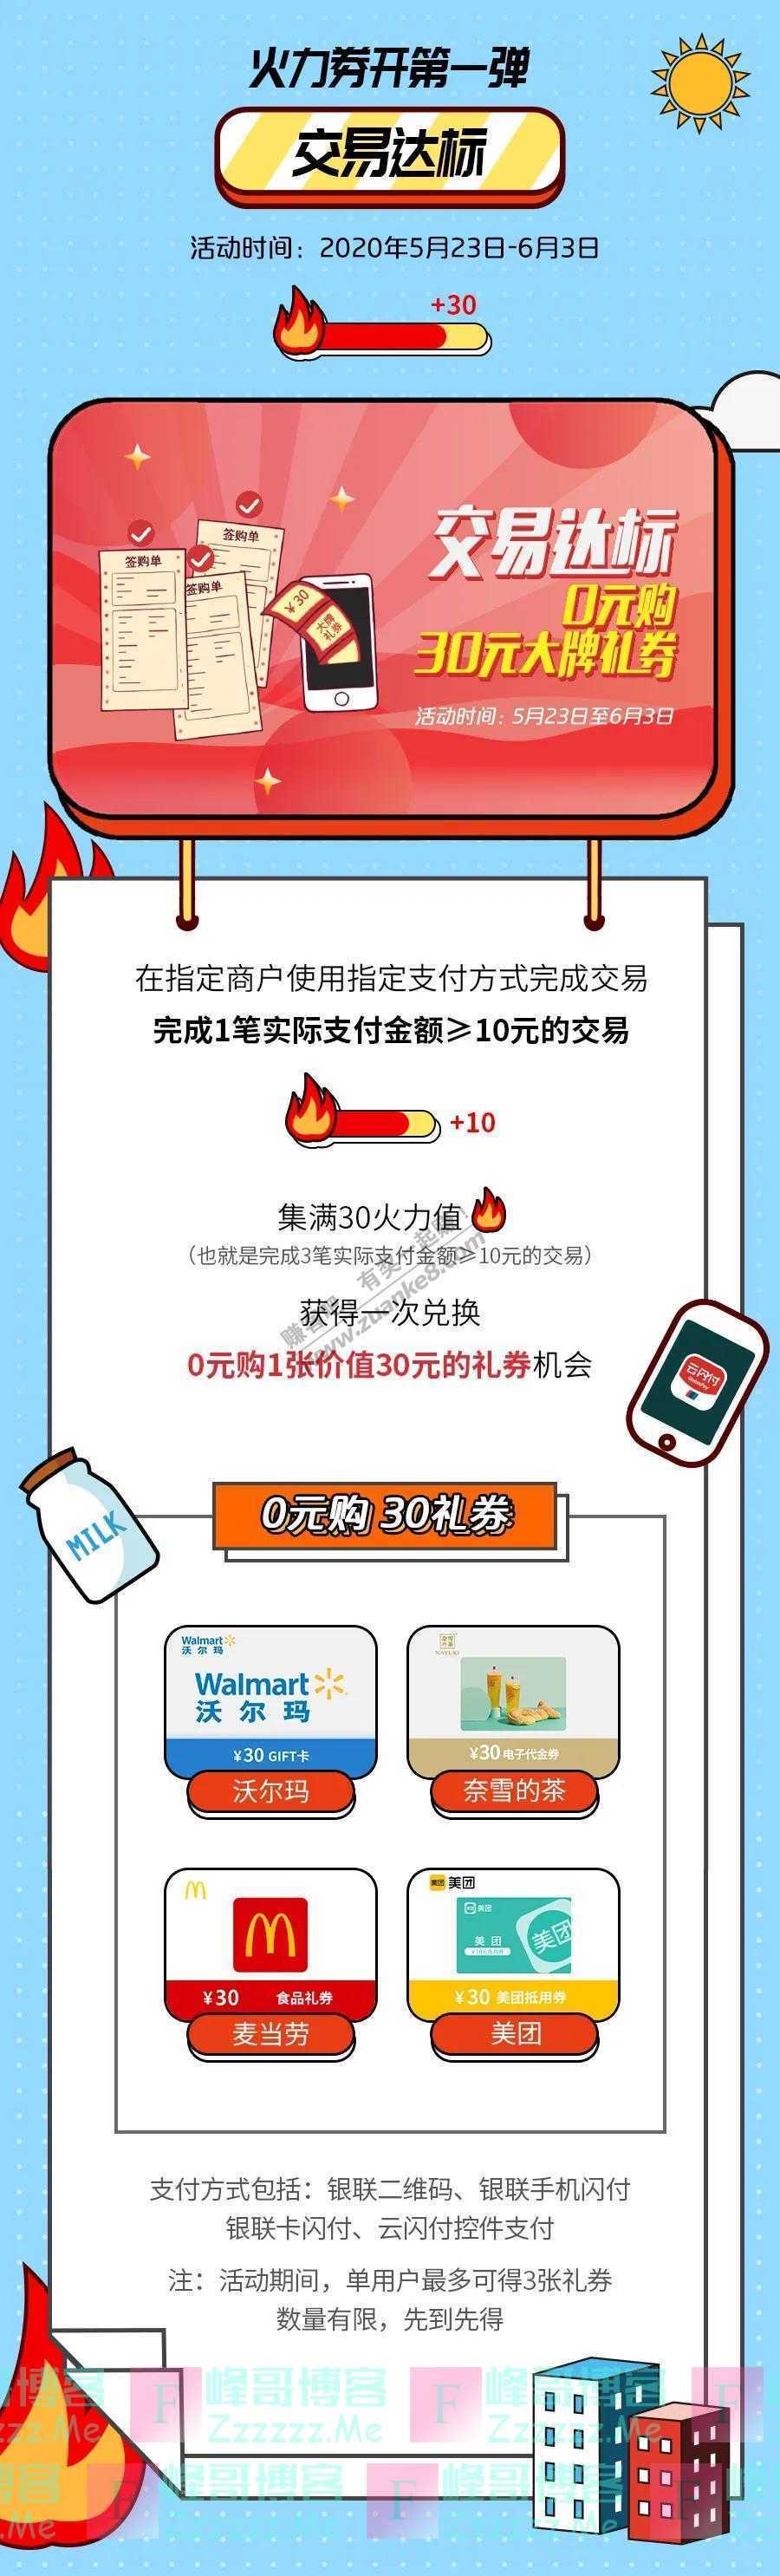 中国银联别太辛苦自己,云闪付放券宠你(截止6月3日)